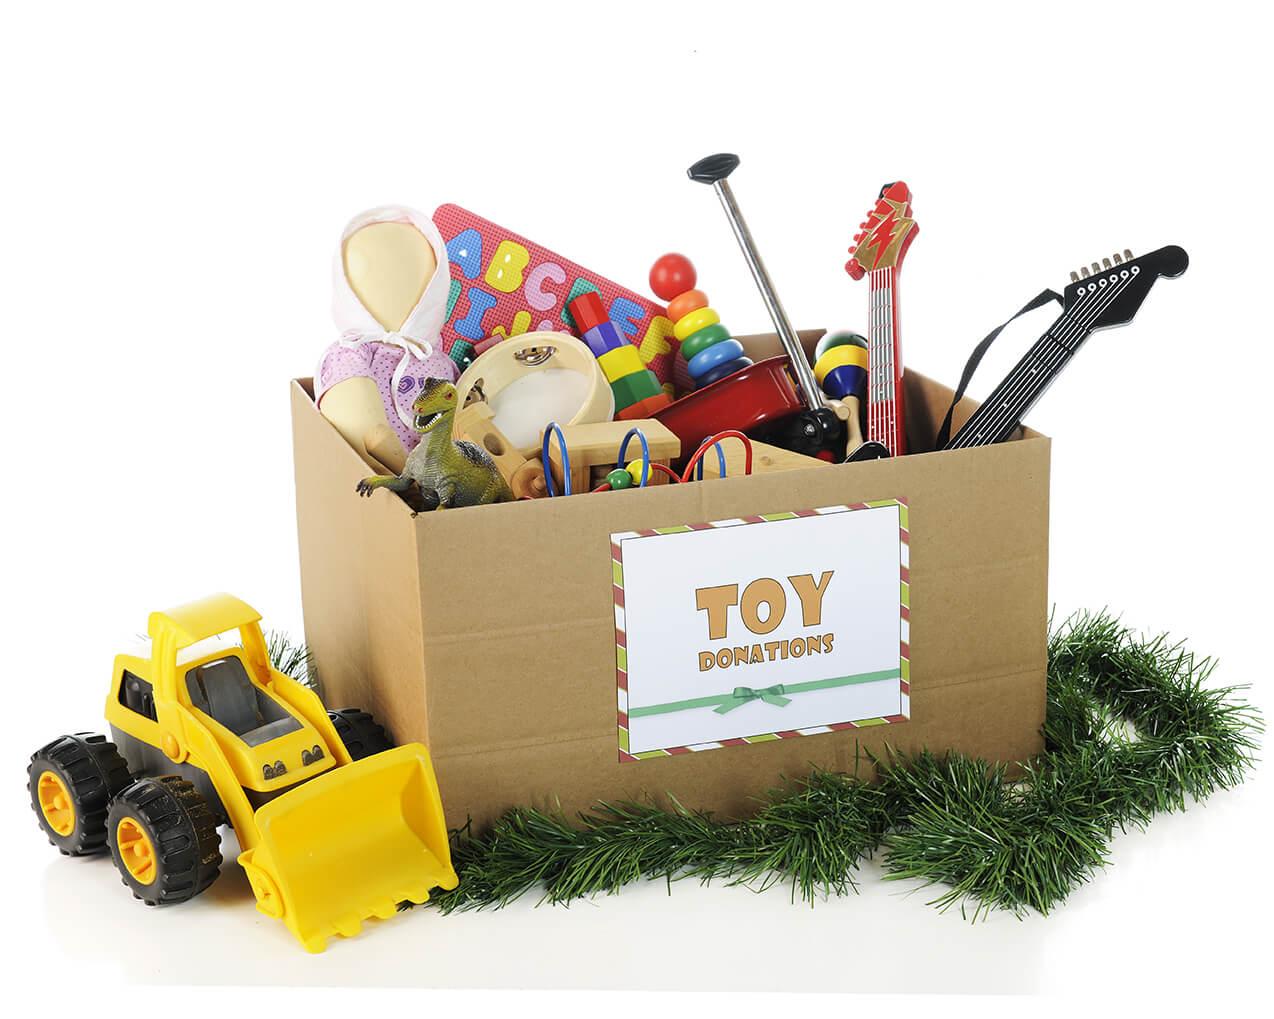 أفكار لشراء وإعادة هيكلة لعب الأطفال في الأعياد